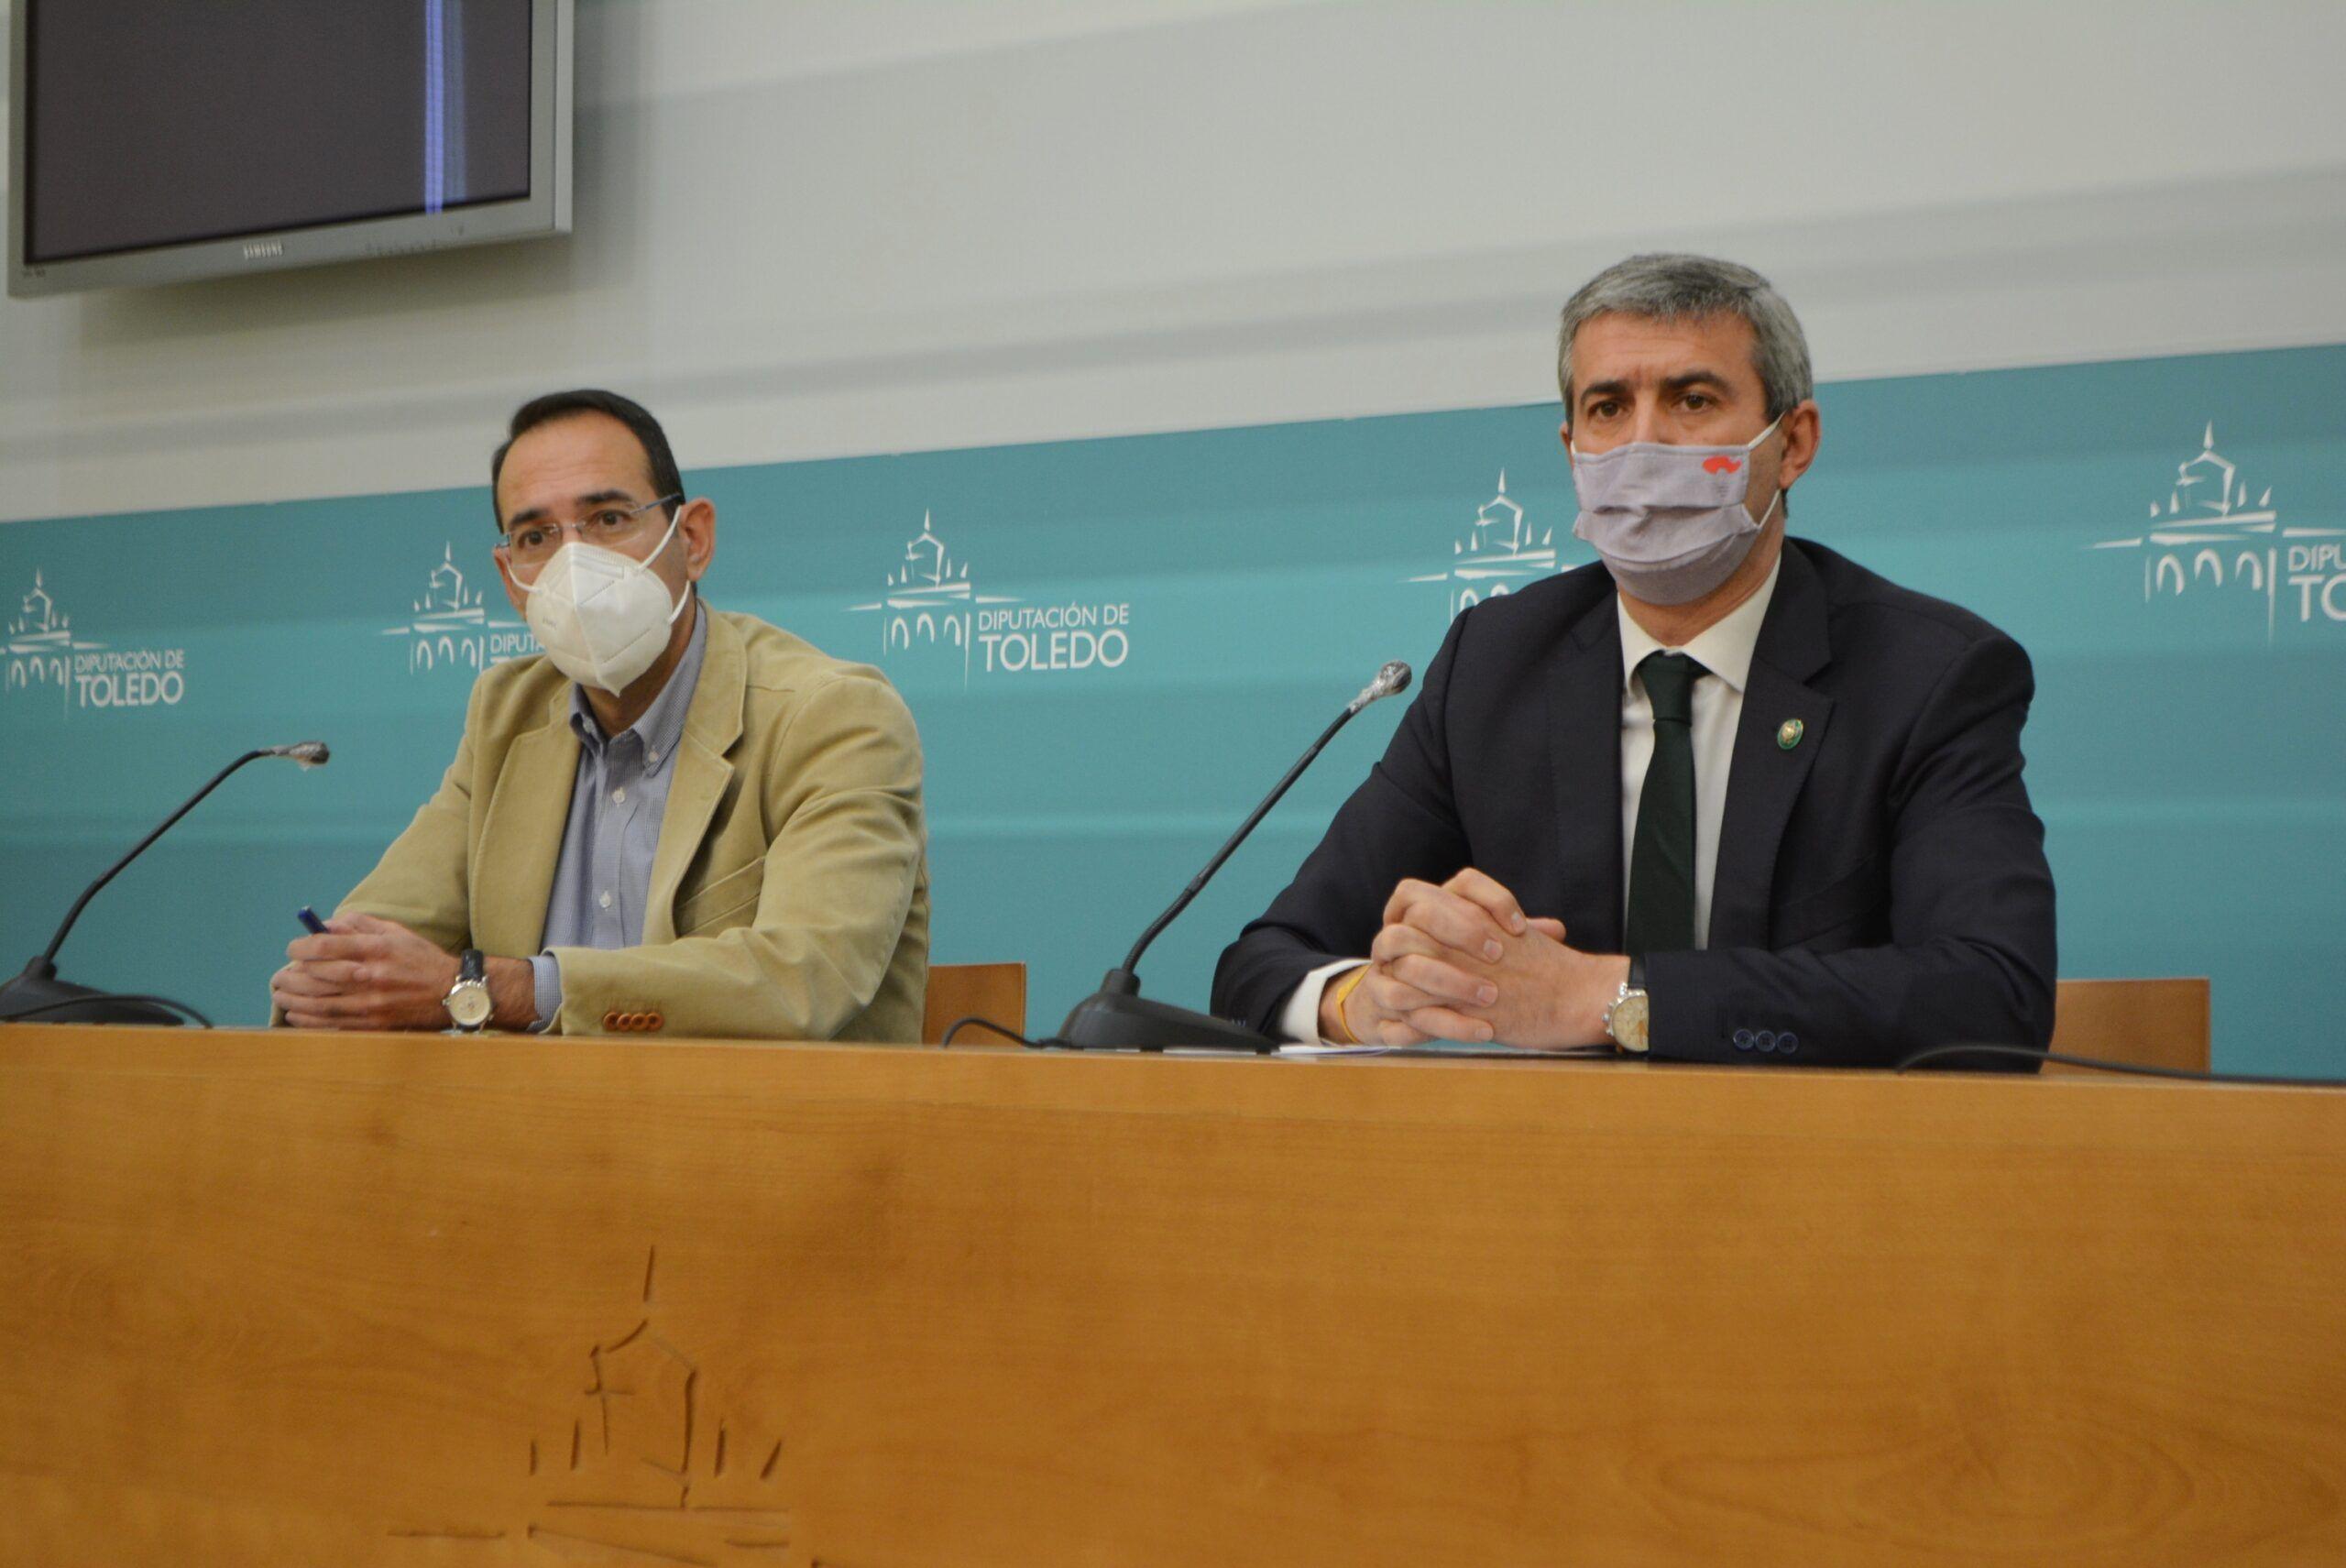 Álvaro Gutiérrez anuncia una ayuda de 4 millones de euros destinados a los ayuntamientos para afrontar gastos COVID